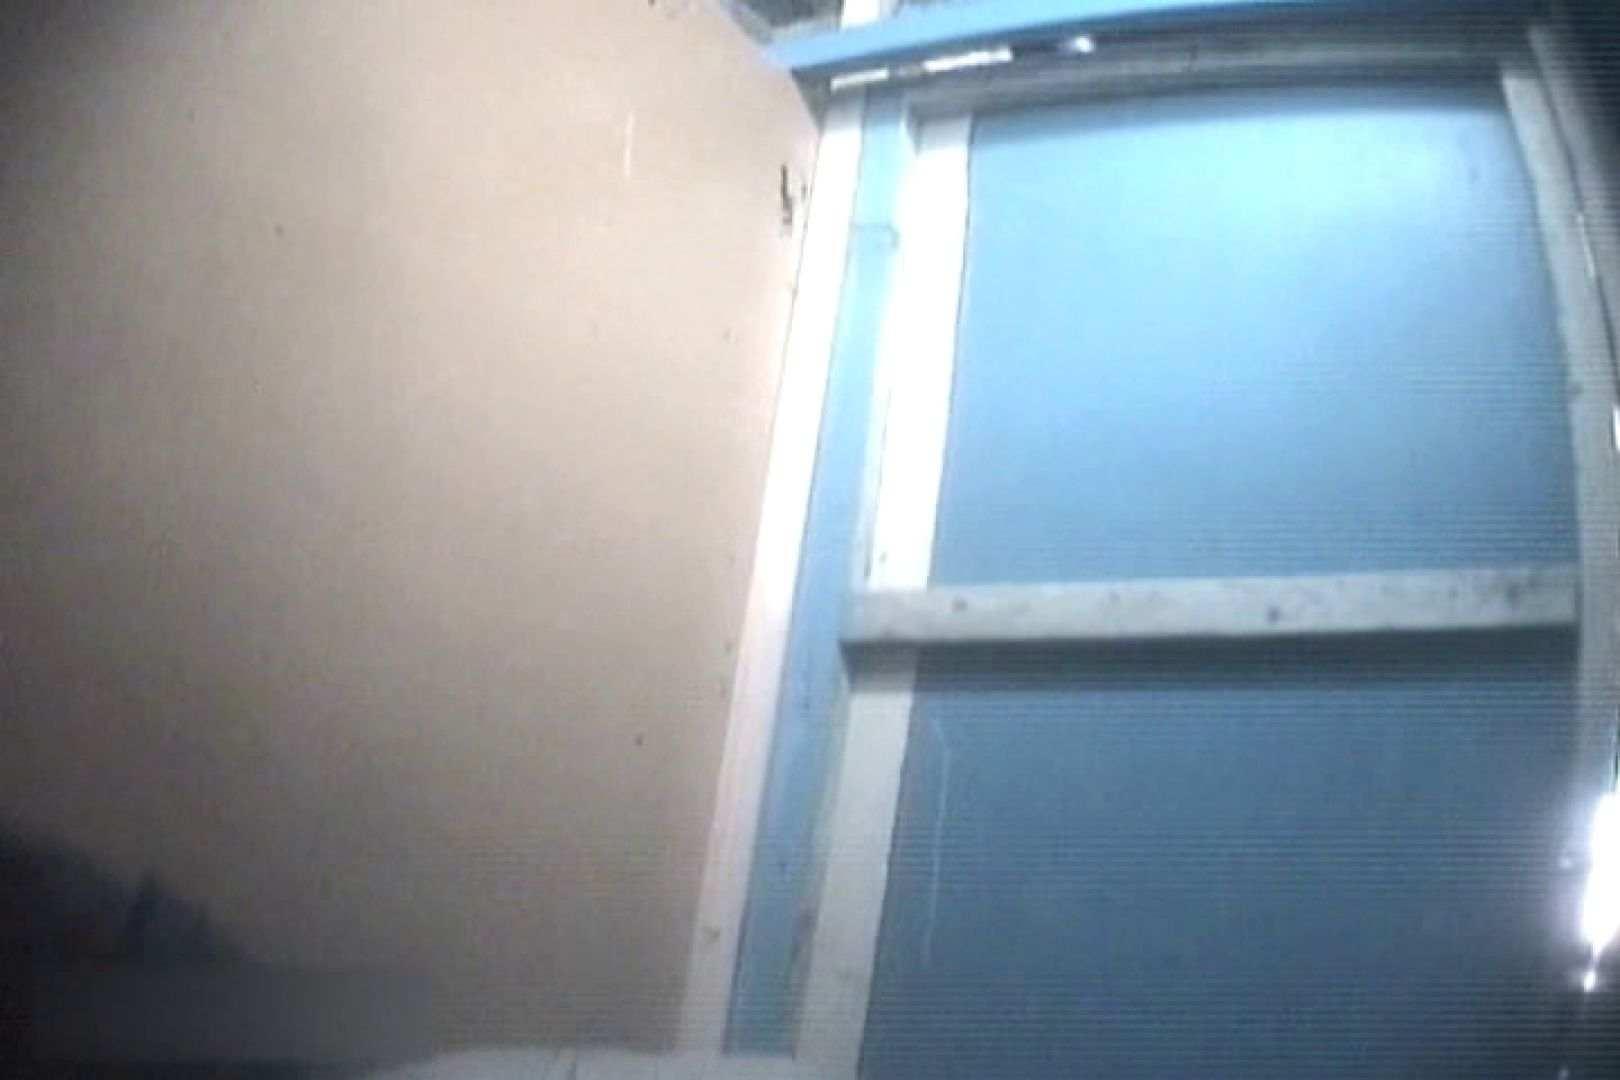 夏海シャワー室!ベトベトお肌をサラサラに!VOL.12 美女エロ画像 盗み撮り動画キャプチャ 46PICs 43